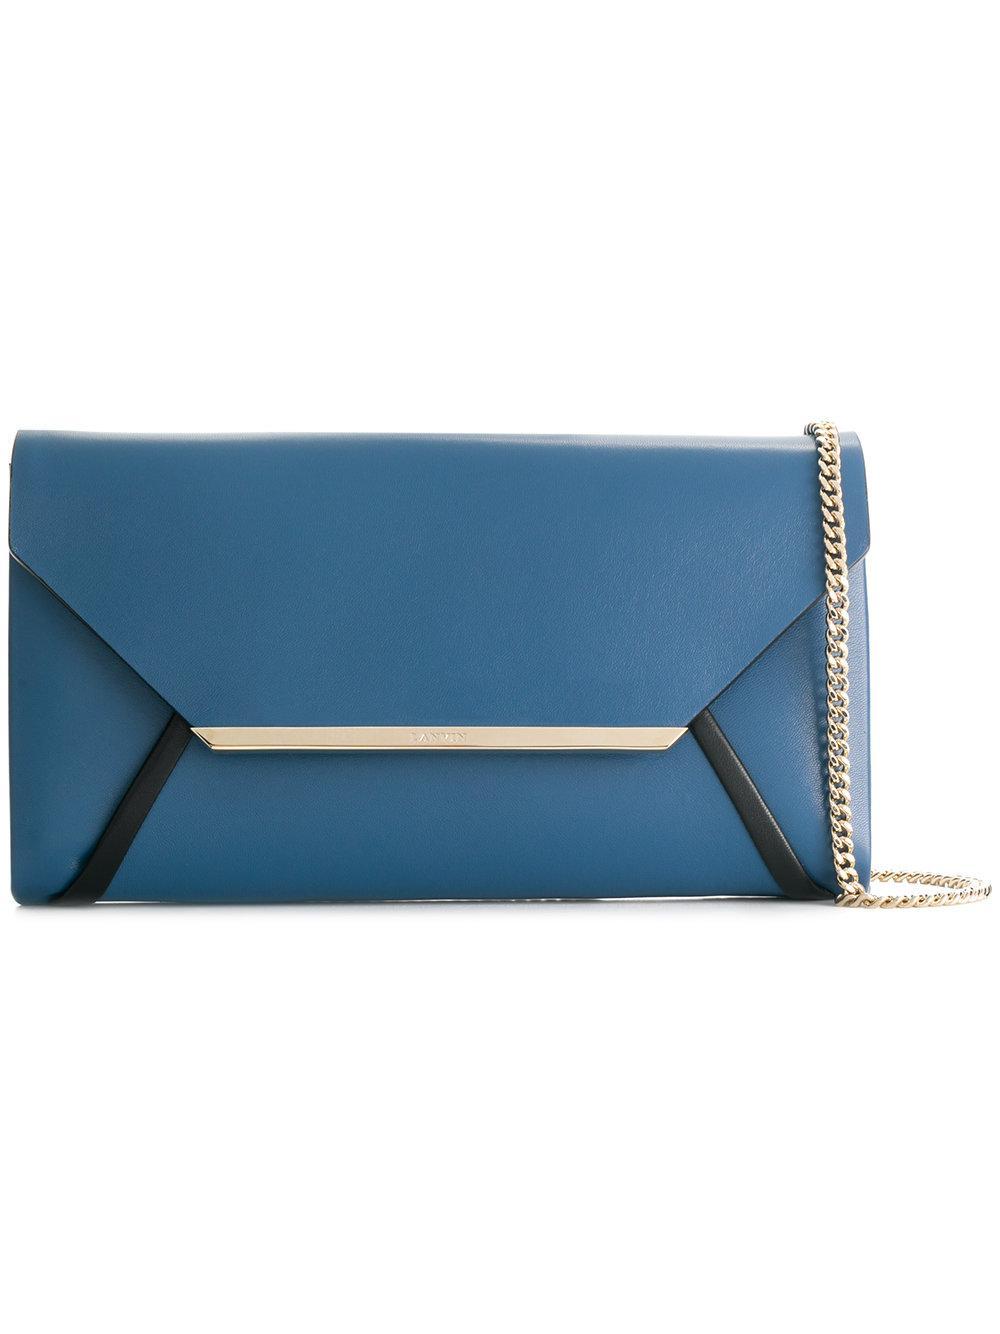 Lanvin Envelope Clutch - Blue